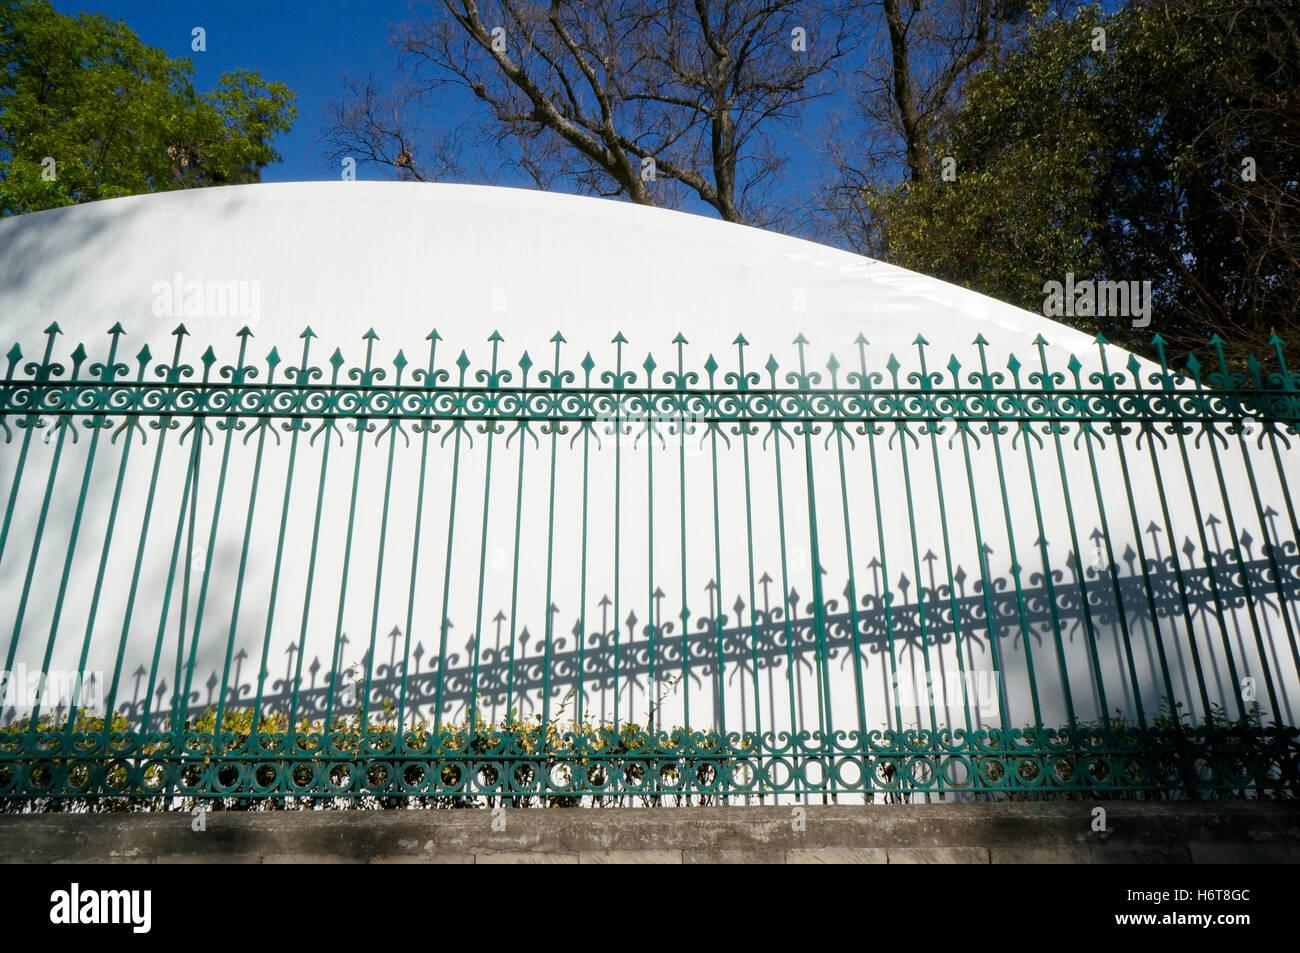 Decorative Wrought Iron Stock Photos & Decorative Wrought